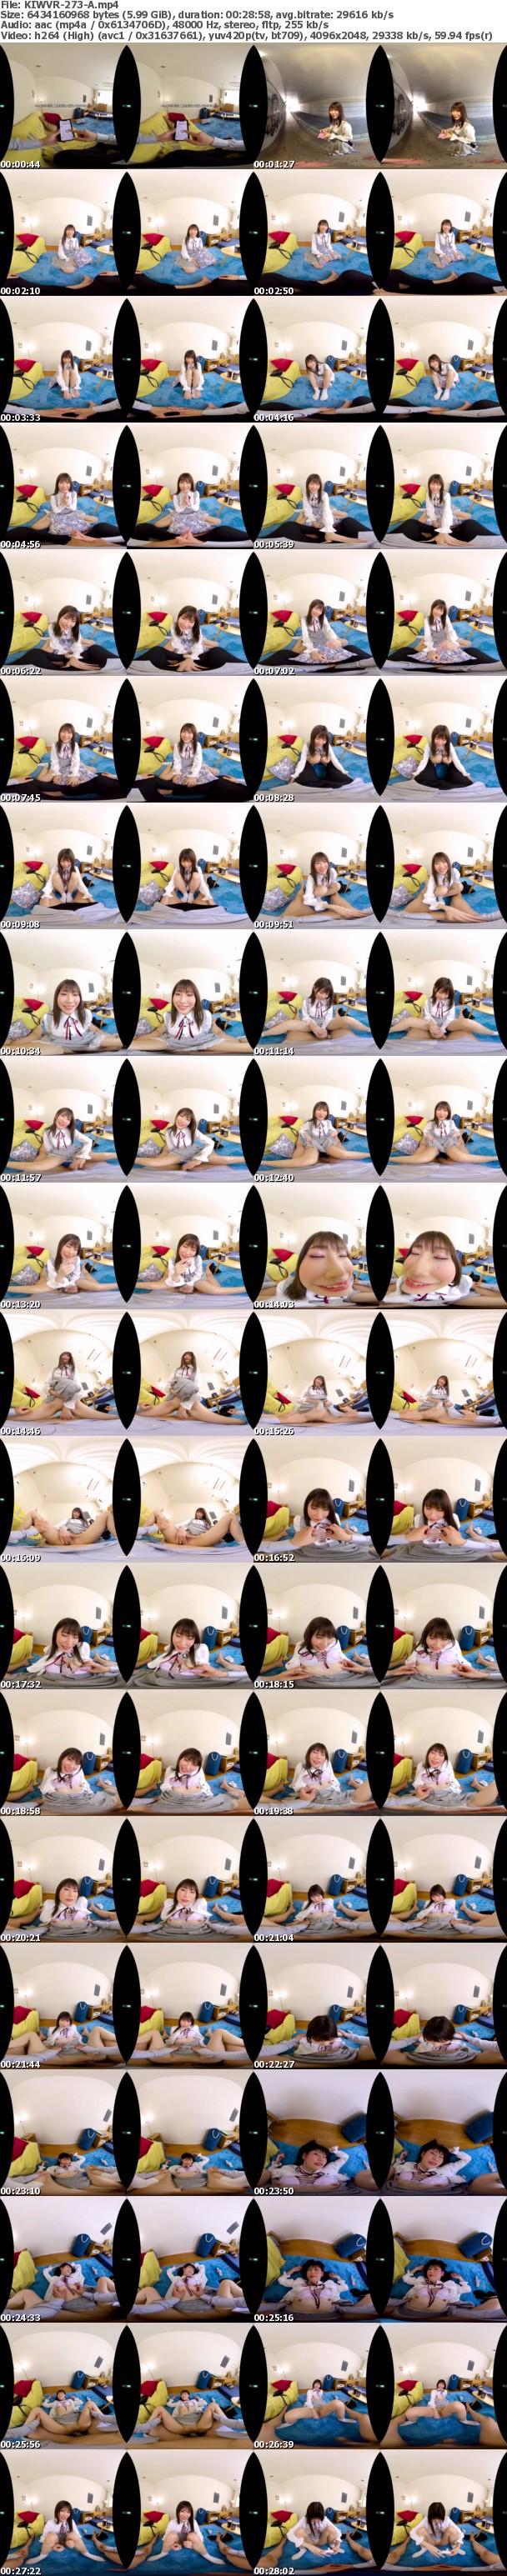 (VR) KIWVR-273 「1cmだけでいいから…1回挿れて…お願い!」童貞のボクに【神展開!】生ハメ人生初マ○コの快楽に暴走性欲で何度もイカして【中出し連発・顔射】した【ラッキースケベVR!!】 ひなの